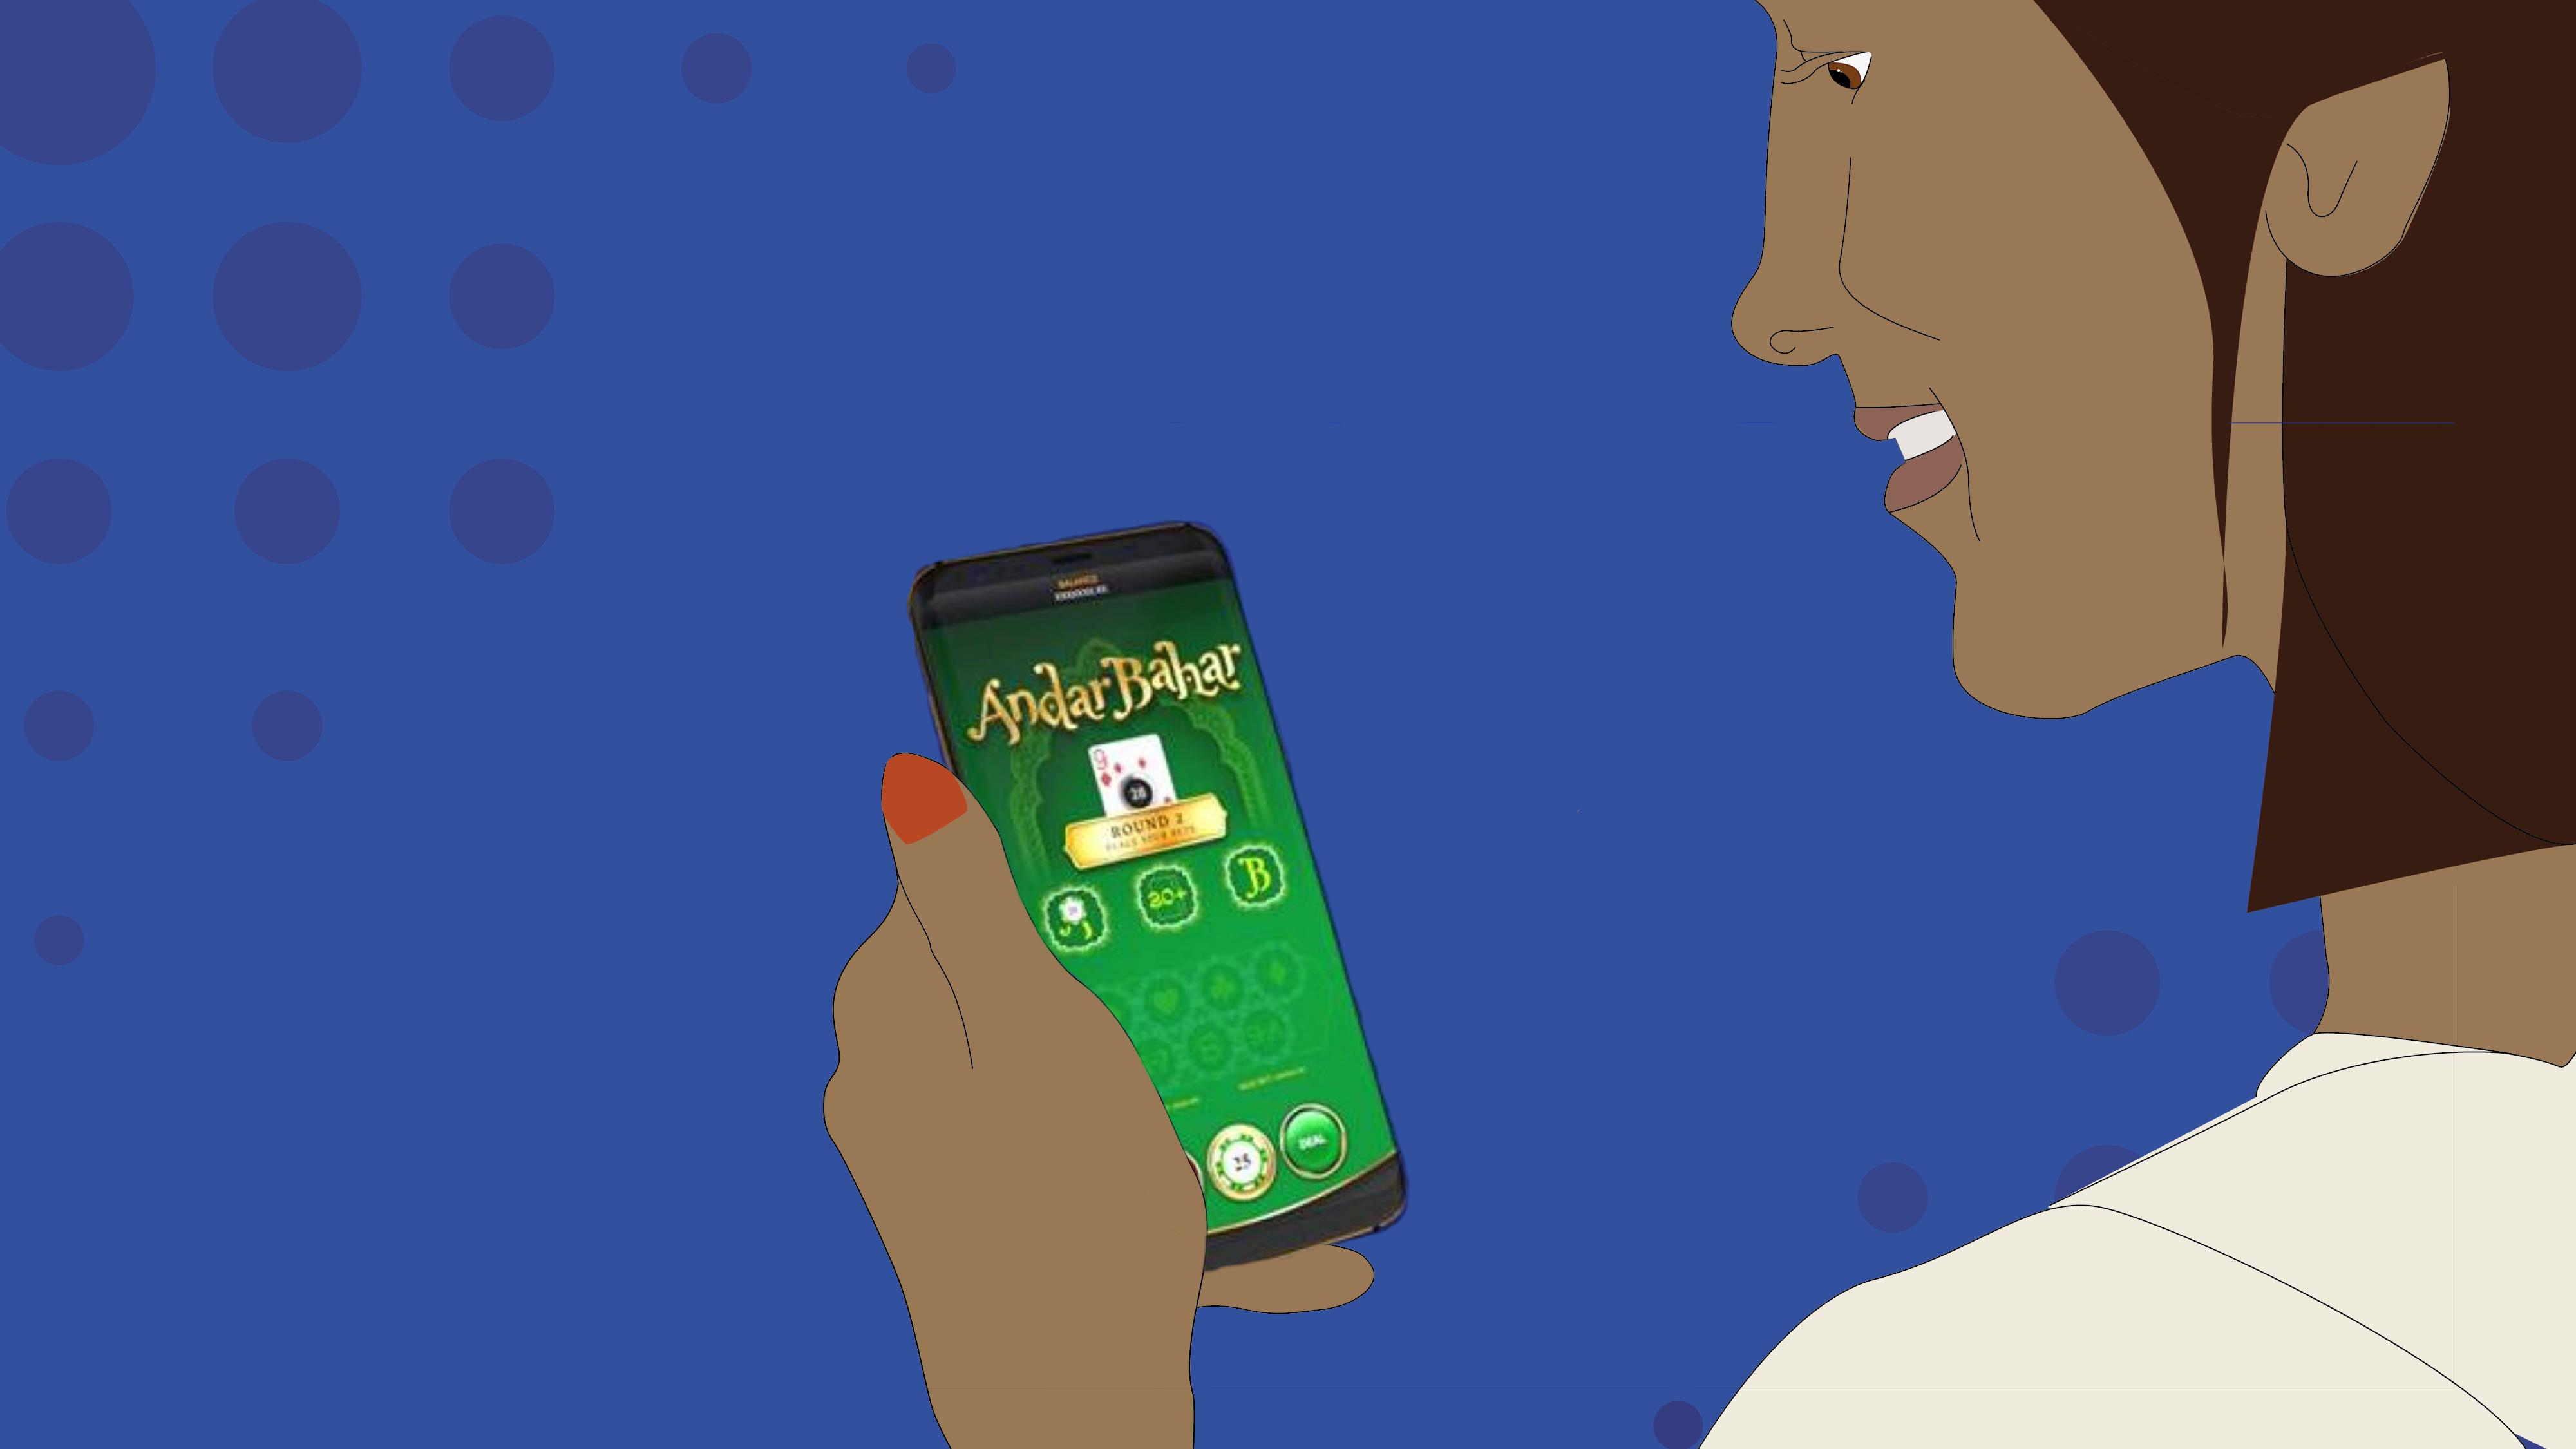 OneTouch julkaisi Andar Baharin mobiililaitteille